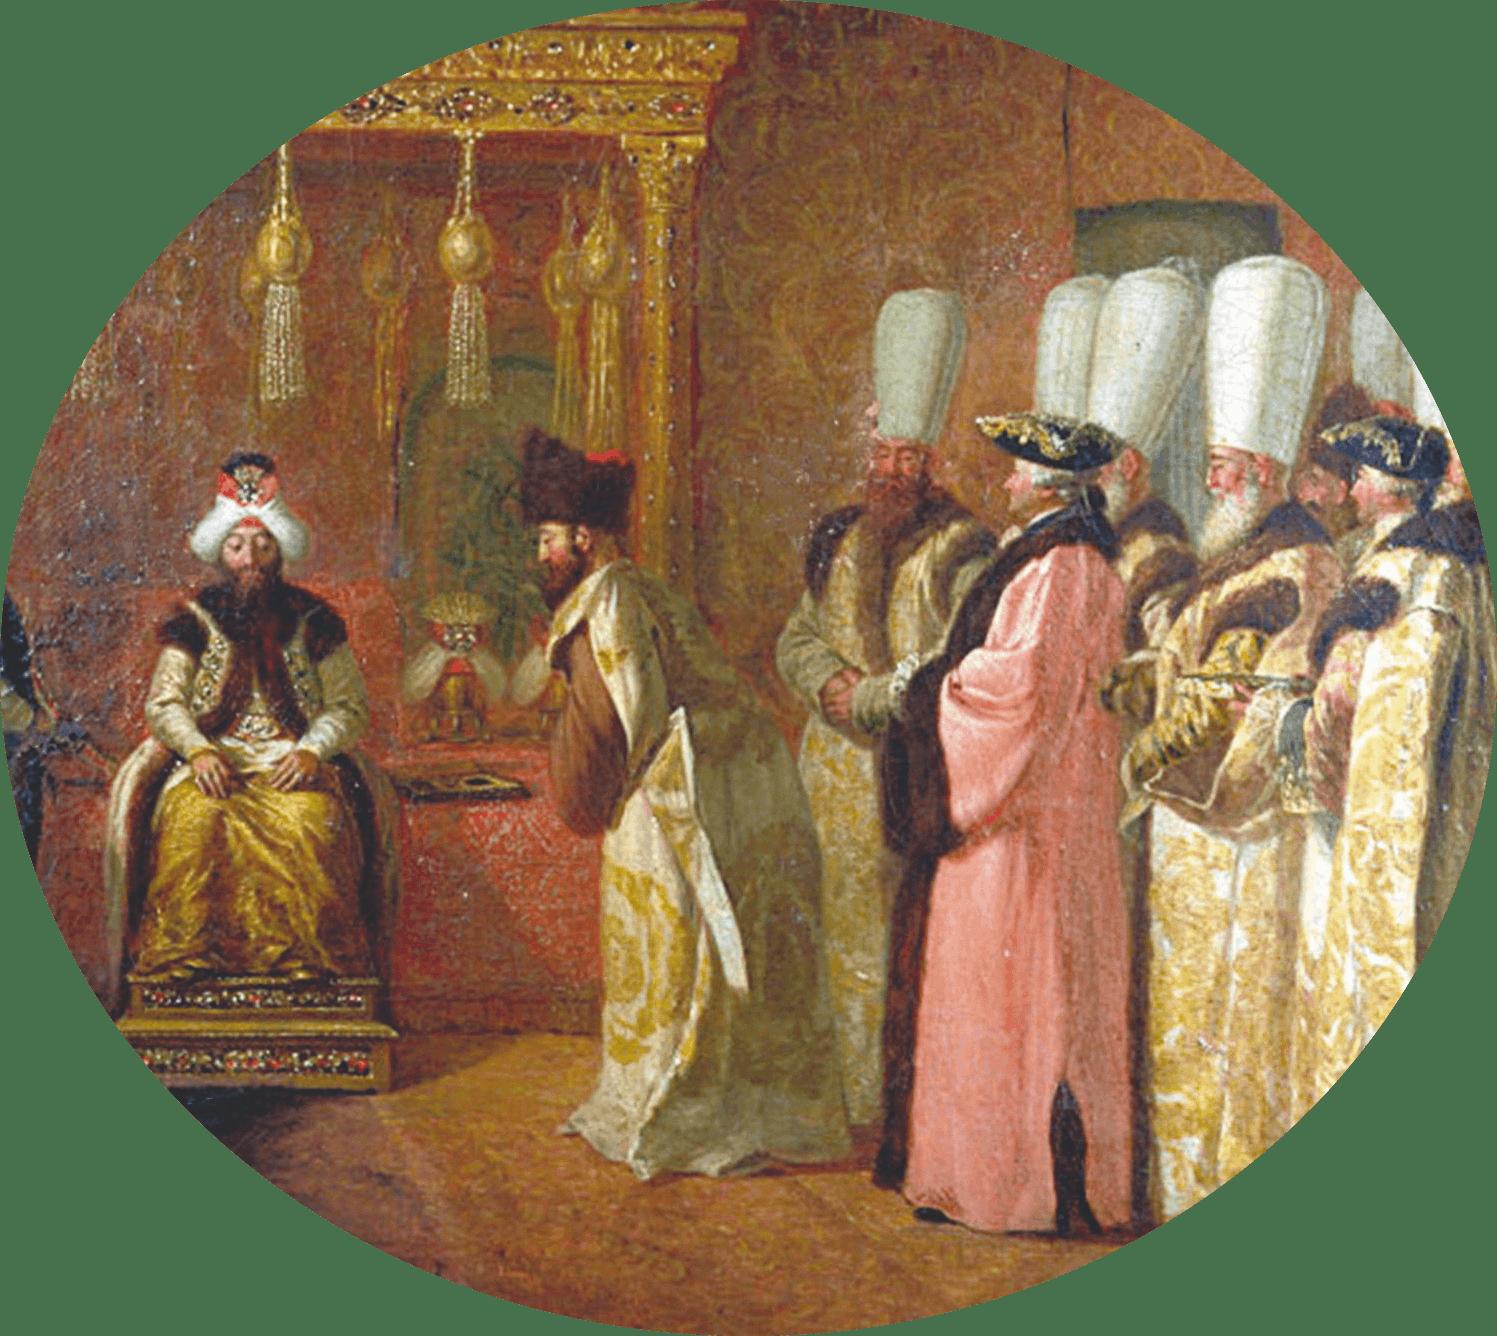 Tableau représentant une ambassade vénitienne envoyée auprès du sultan ottoman, vers 1500